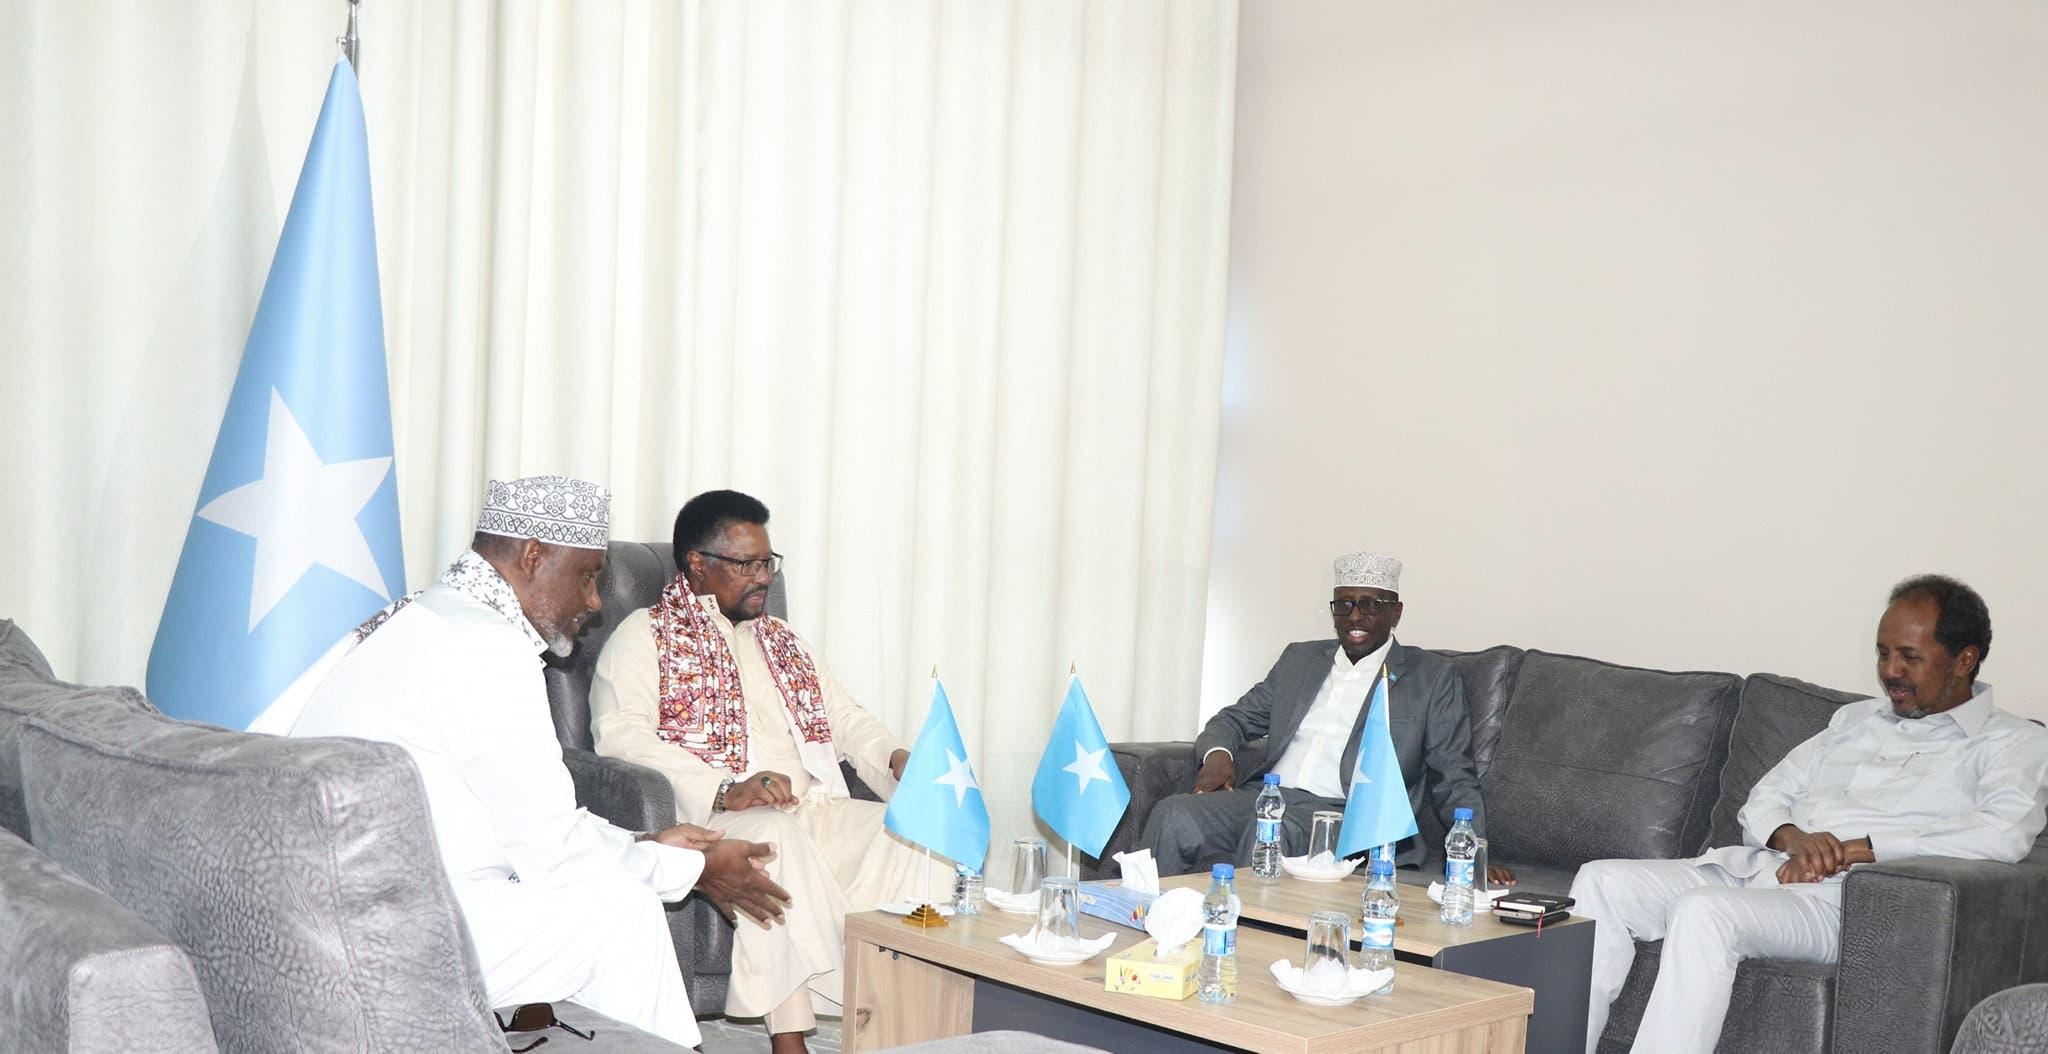 Maxay tahay sababta shirka dambe ee Dhuusomareeb looga reebay guddoonka BF Somalia iyo mucaaraadka?